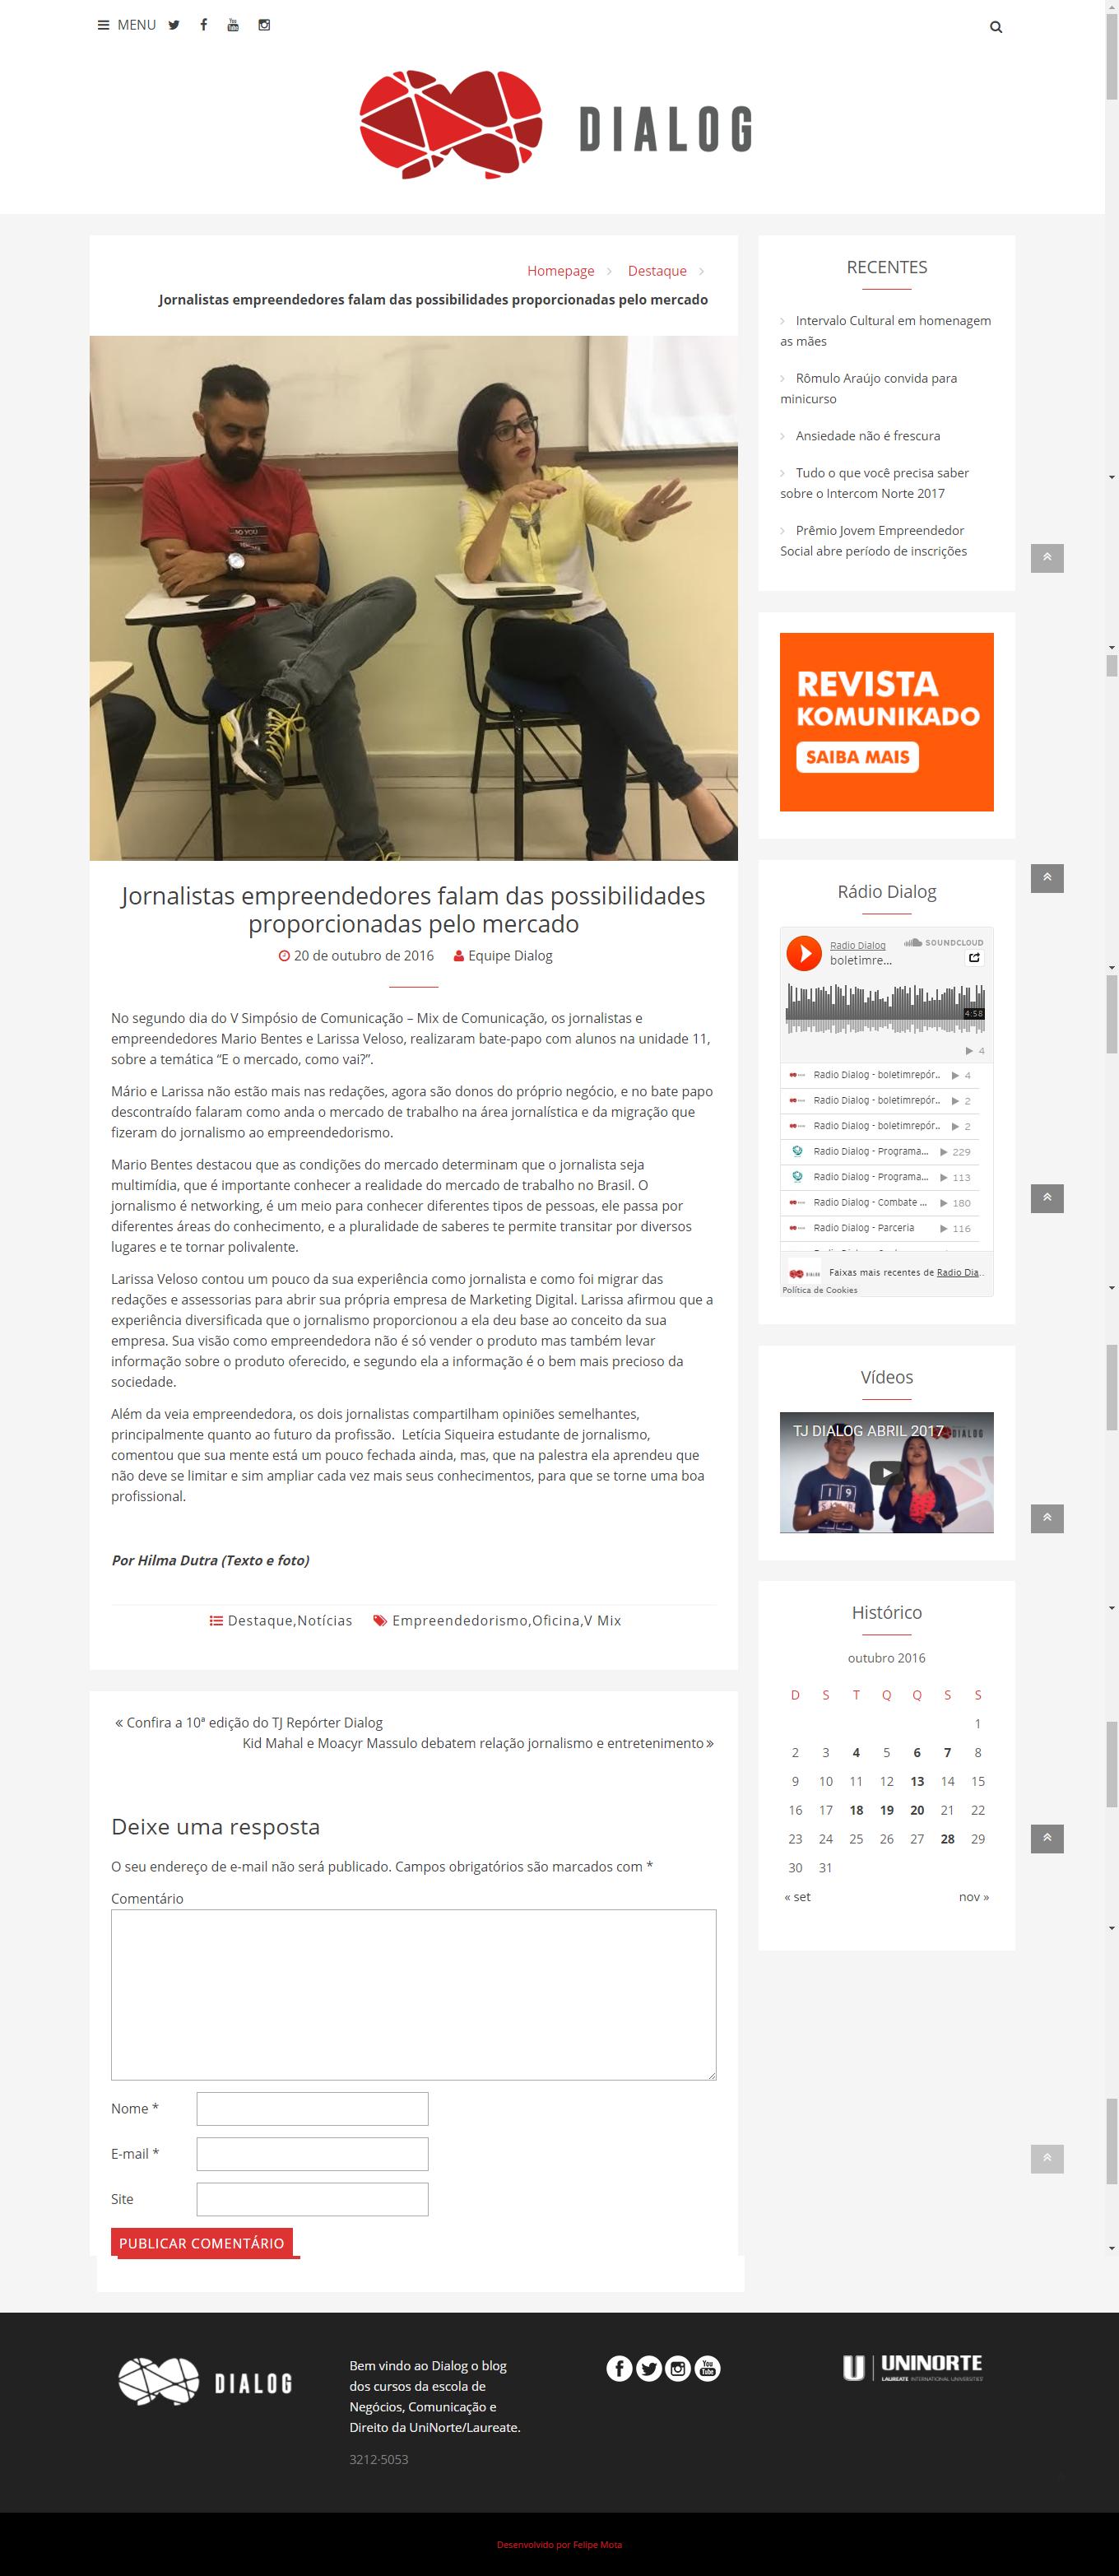 dialog-blog-br-2016-10-jornalistas-empreendedores-falam-das-possibilidades-proporcionadas-pelo-mercado